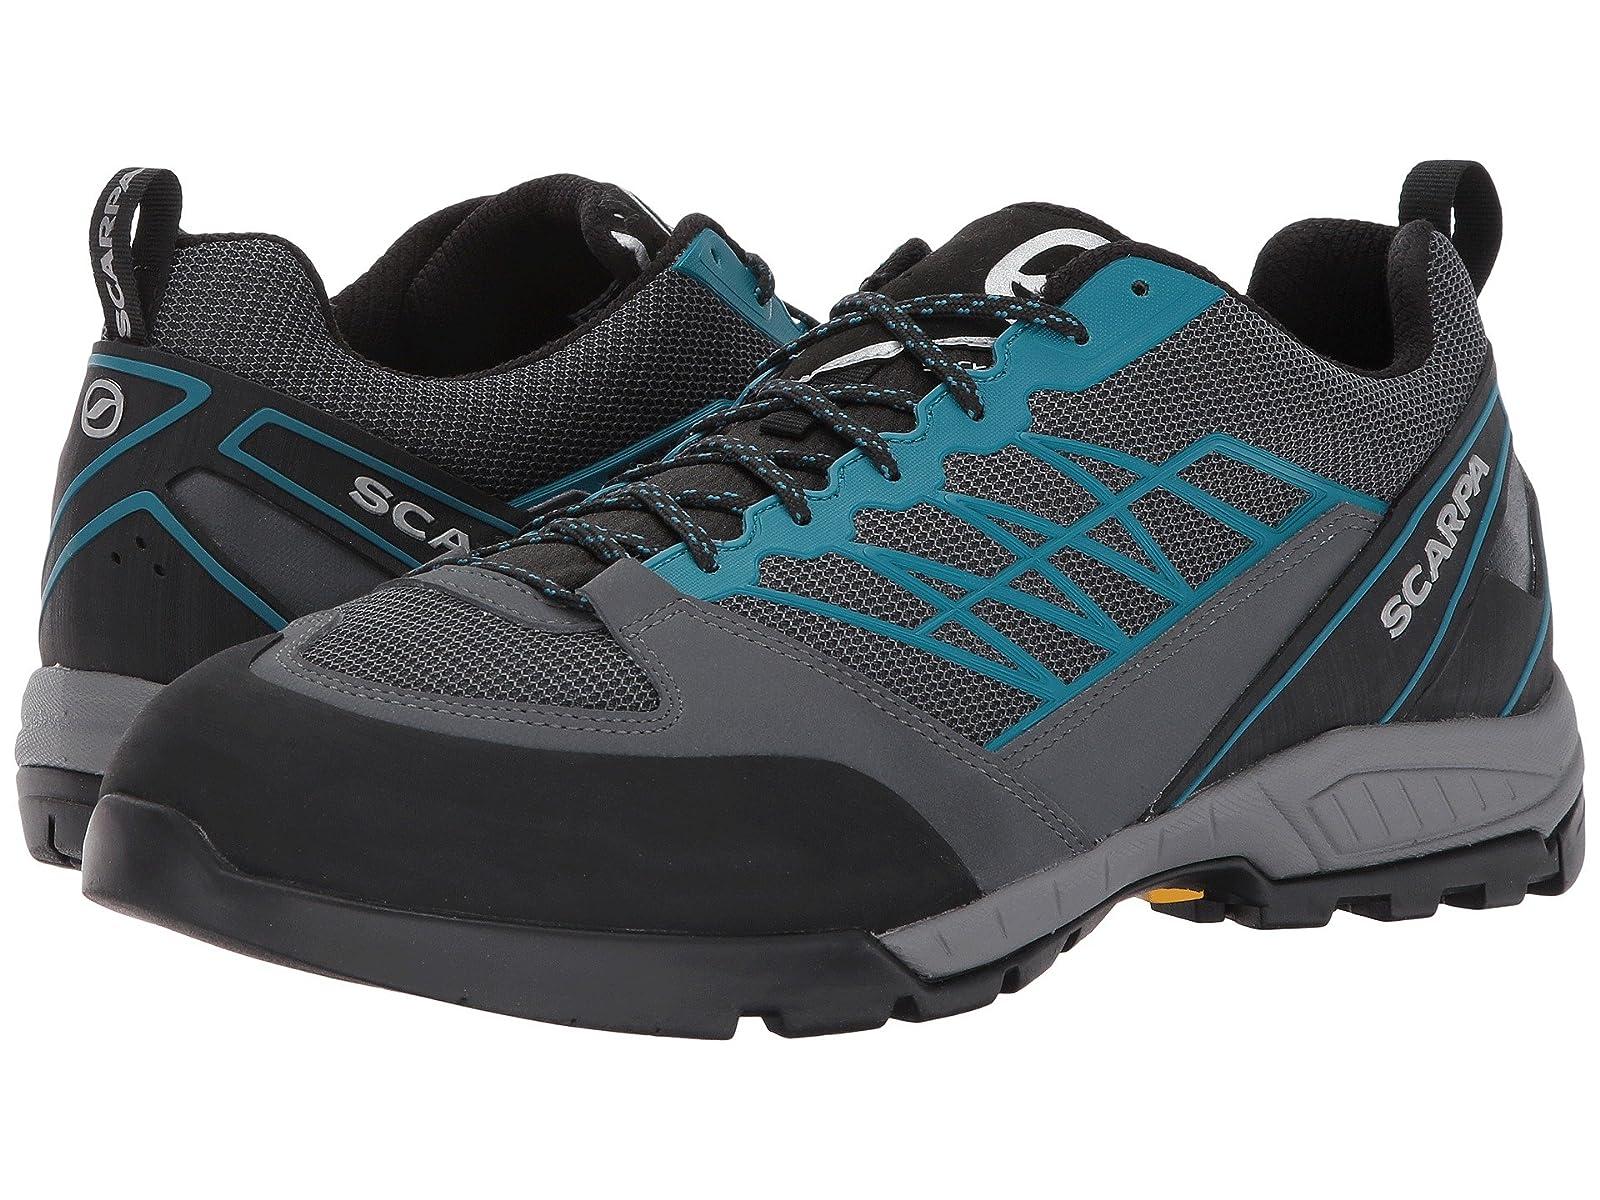 Scarpa Epic LiteAtmospheric grades have affordable shoes